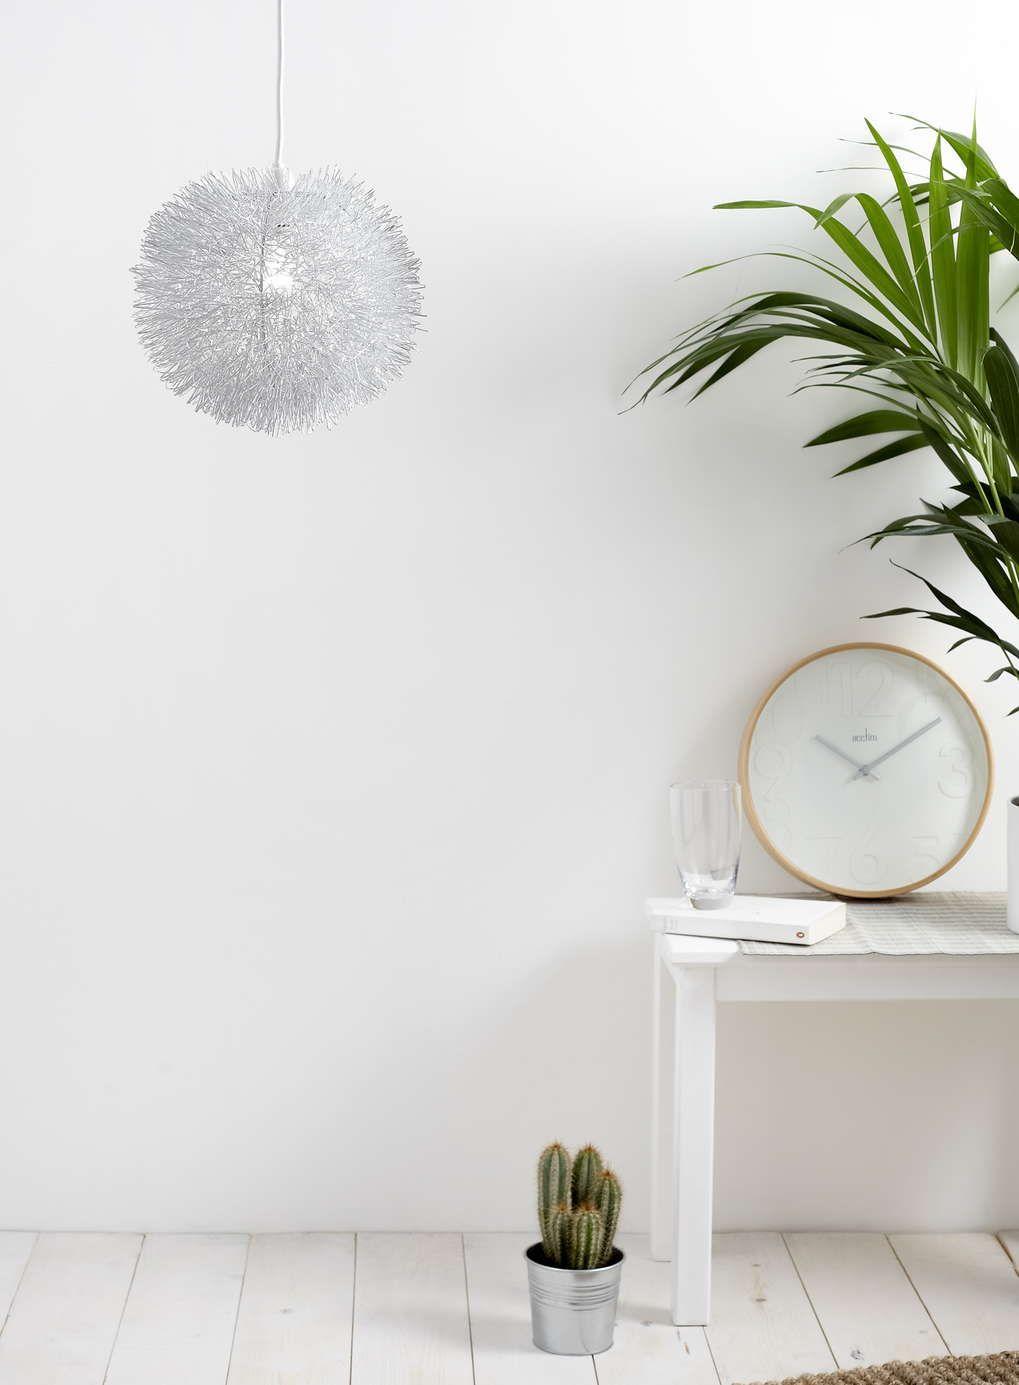 Burst Easyfit Ceiling Light - View All Lighting & Bulbs - Home ...